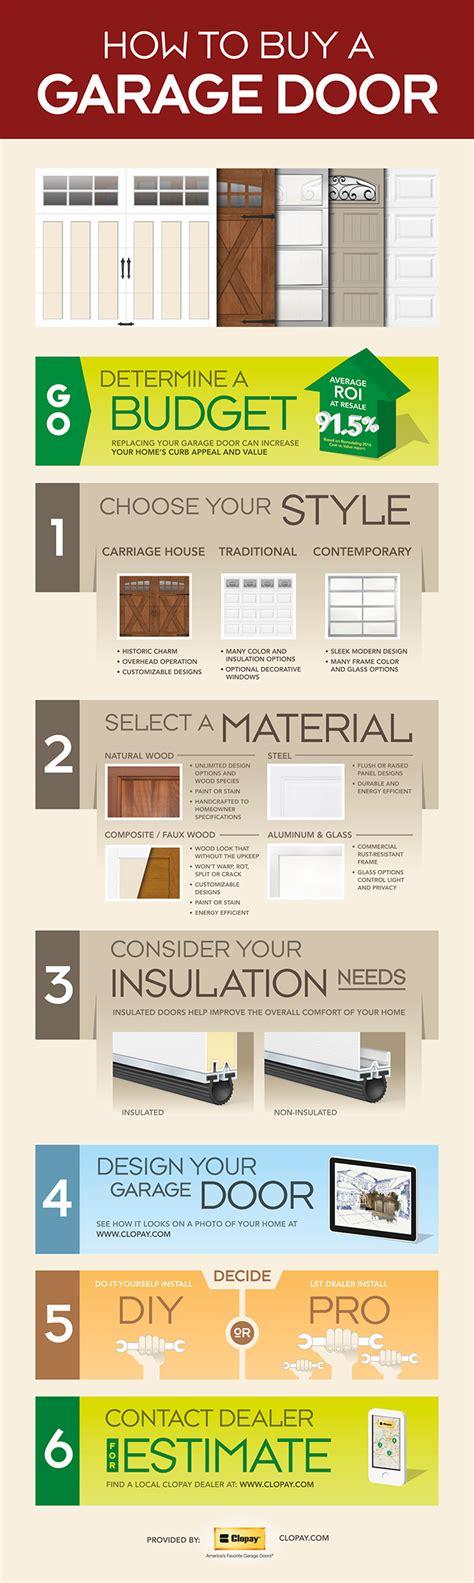 How To Buy A Garage Door Tips For Choosing A Garage Door